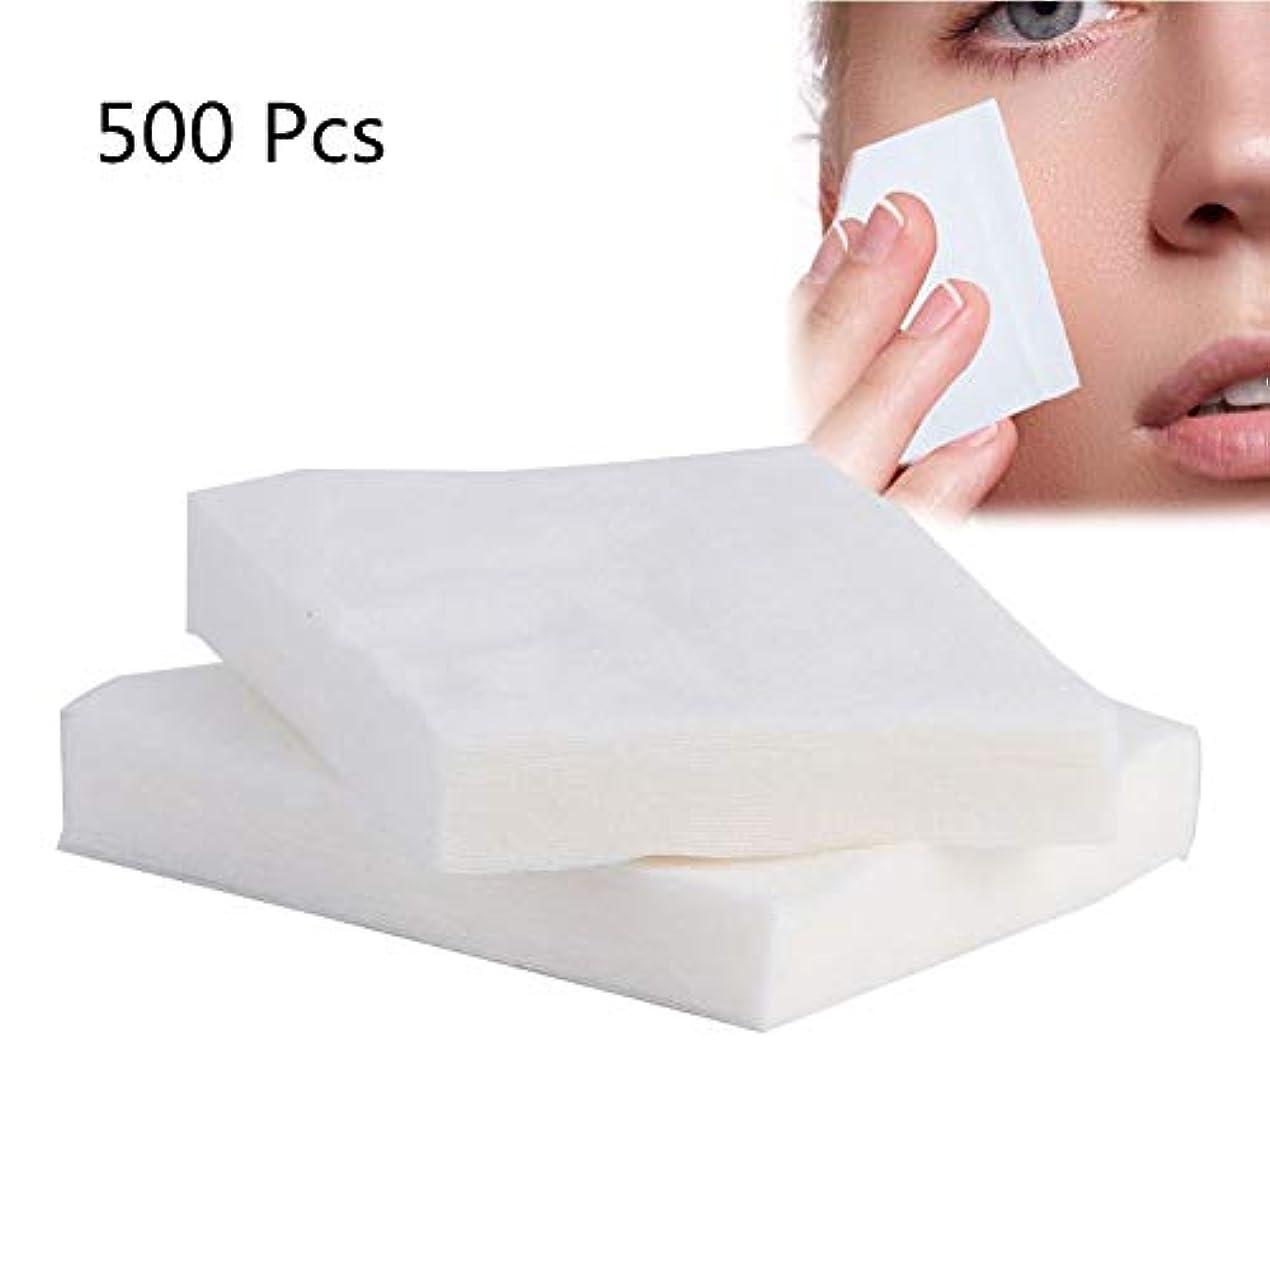 派手安西対話500ピース綿棒、化粧用メイク落とし、洗顔、ウェット/ドライ/フェイス/メイク落とし用